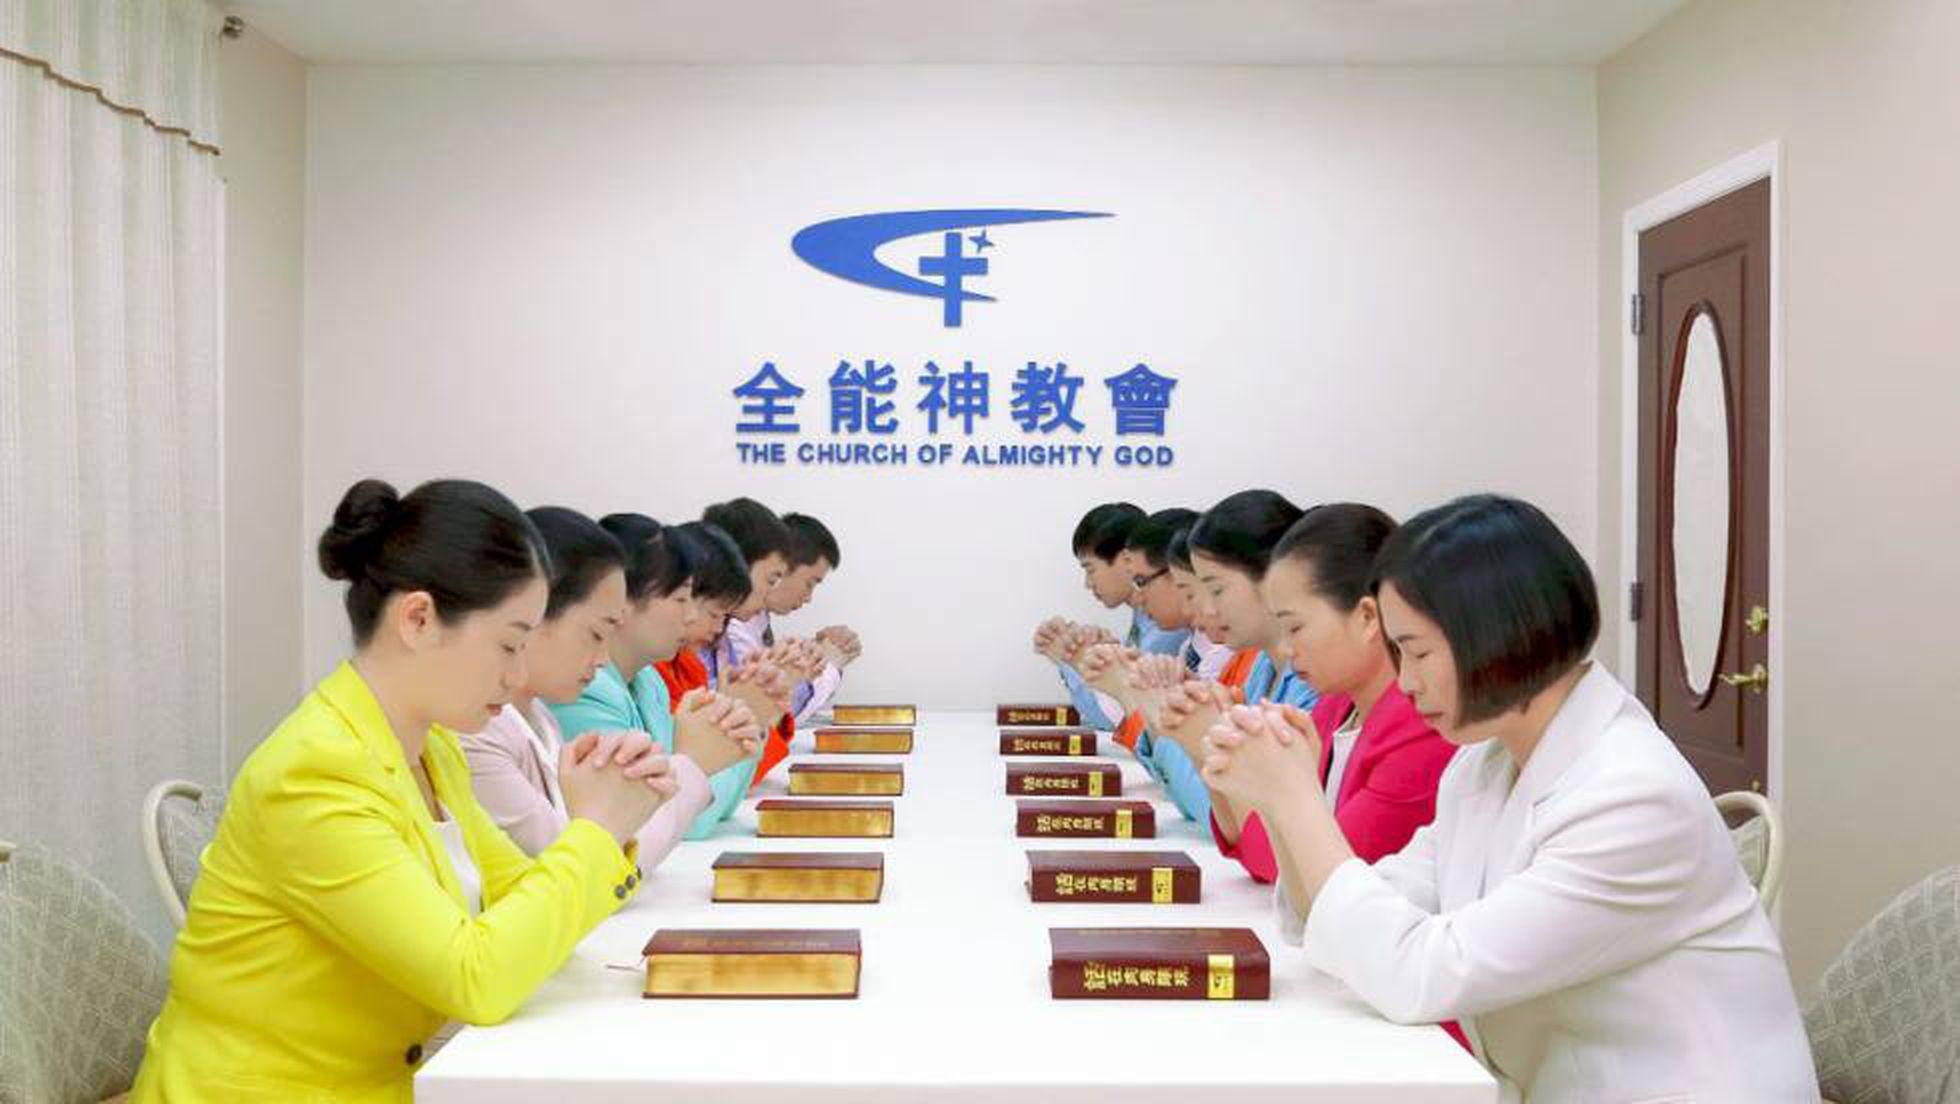 China fecha cerco contra igreja que acredita que Jesus reencarnou em uma mulher | Internacional | EL PAÍS Brasil